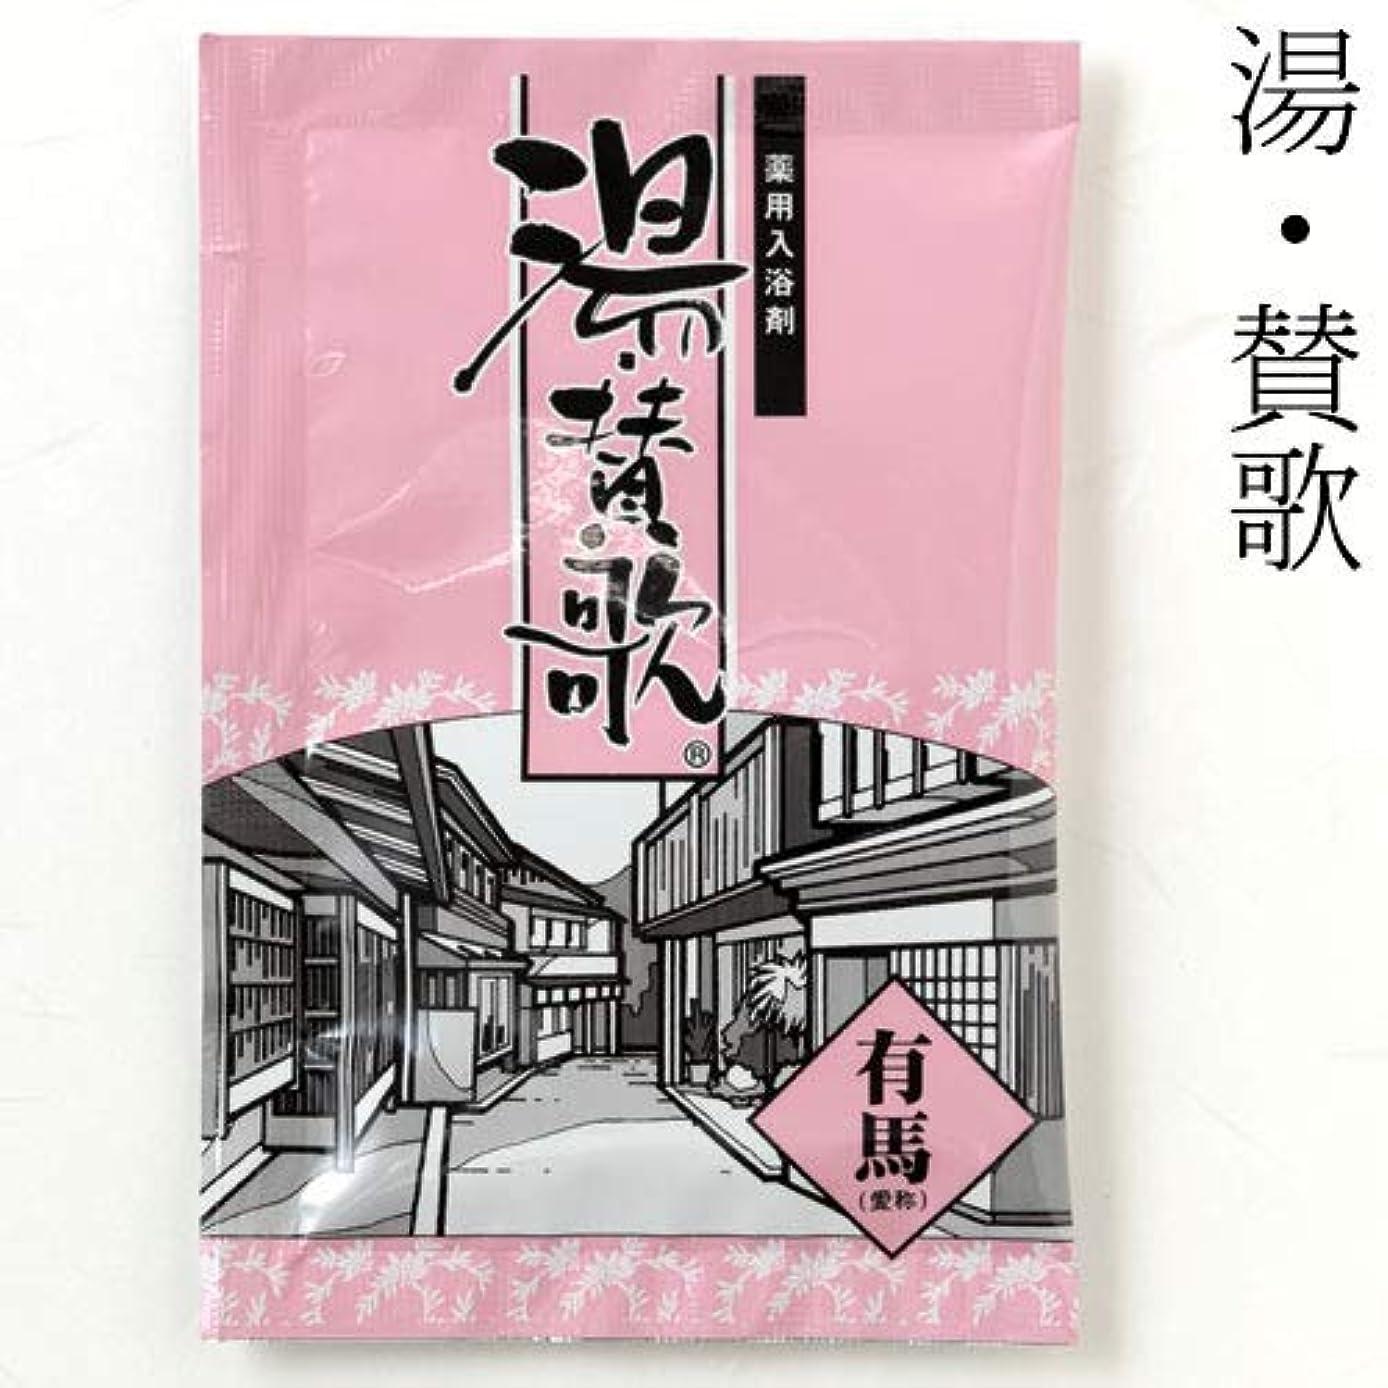 遊びますはげ大洪水入浴剤湯・賛歌有馬1包石川県のお風呂グッズBath additive, Ishikawa craft